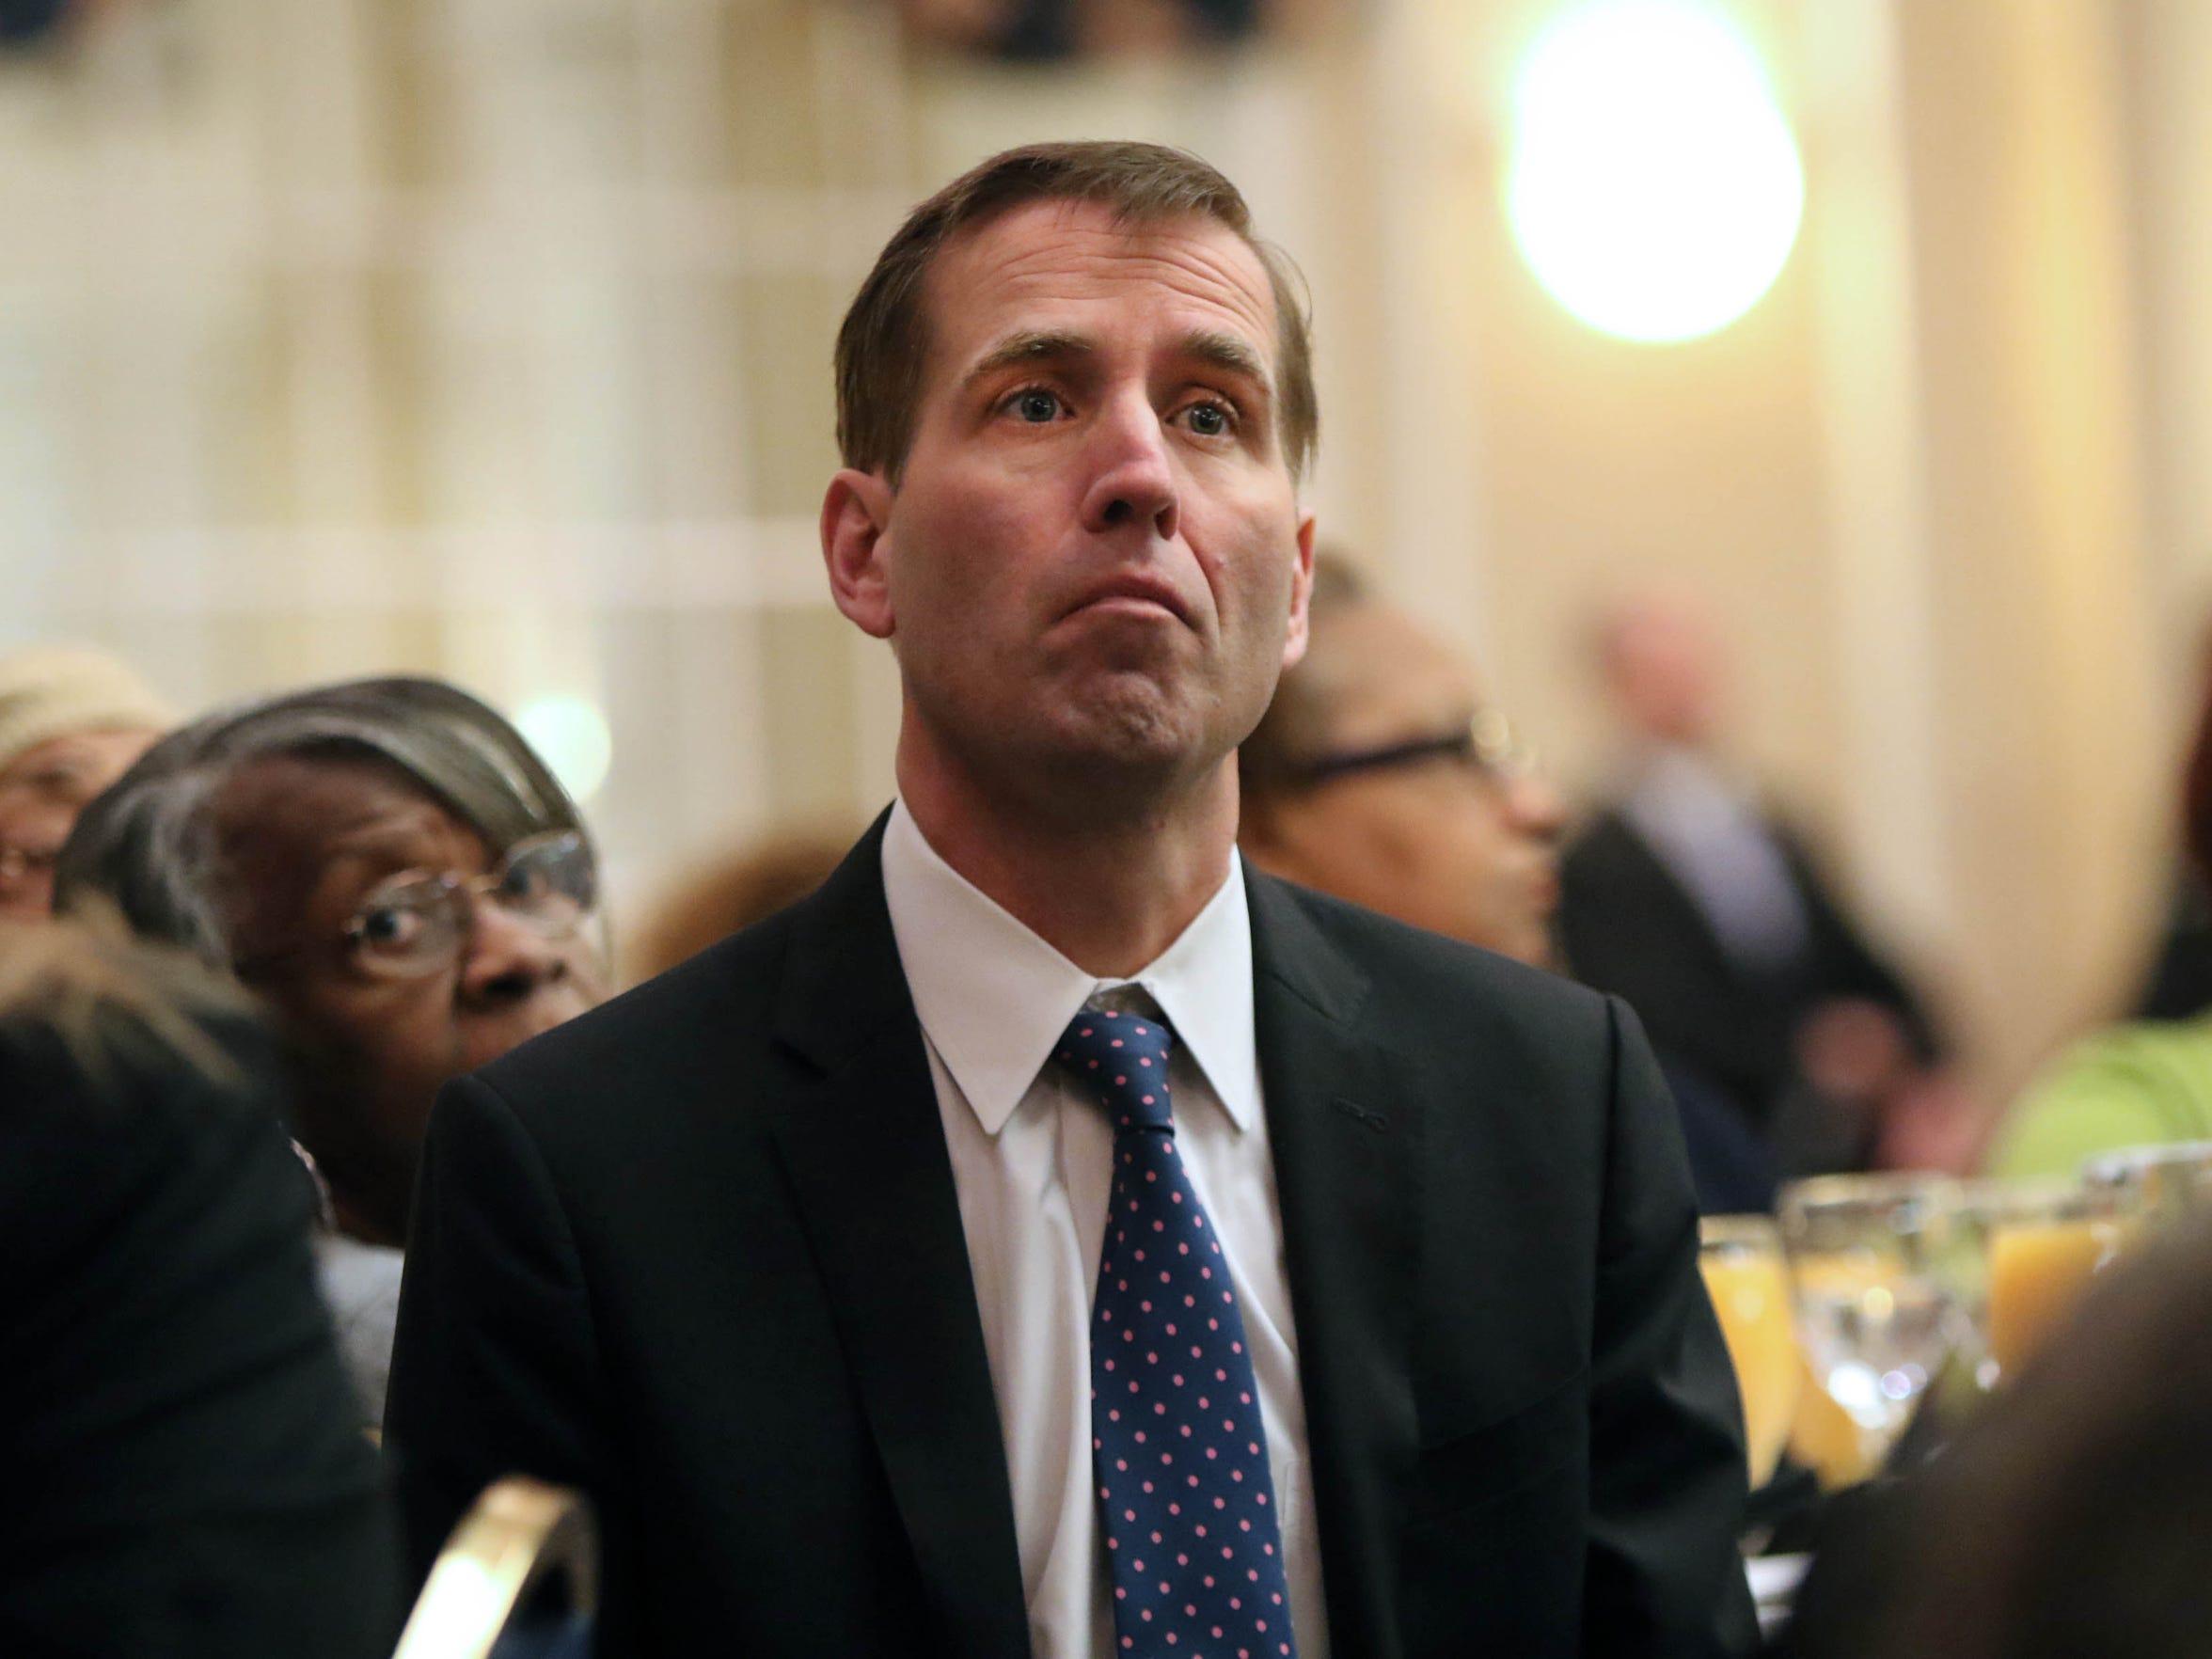 Beau Biden, eldest son of Joe Biden, dies due to